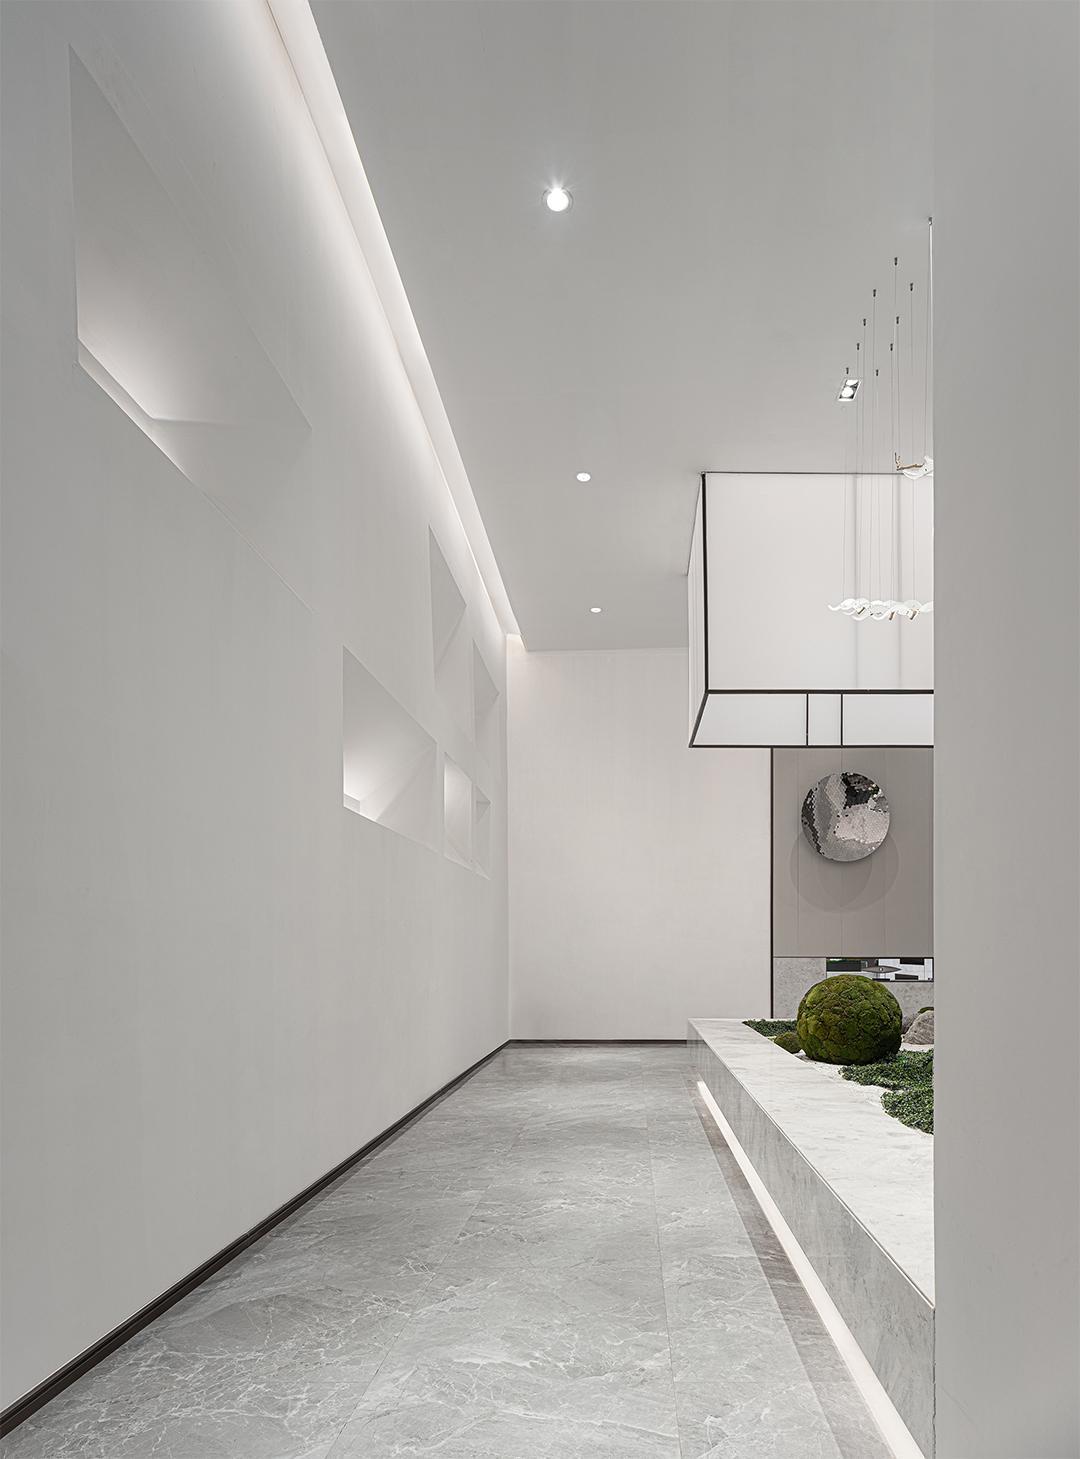 惠东海伦堡弘诚厚园销售中心 室内设计 /  EHOO易虎设计